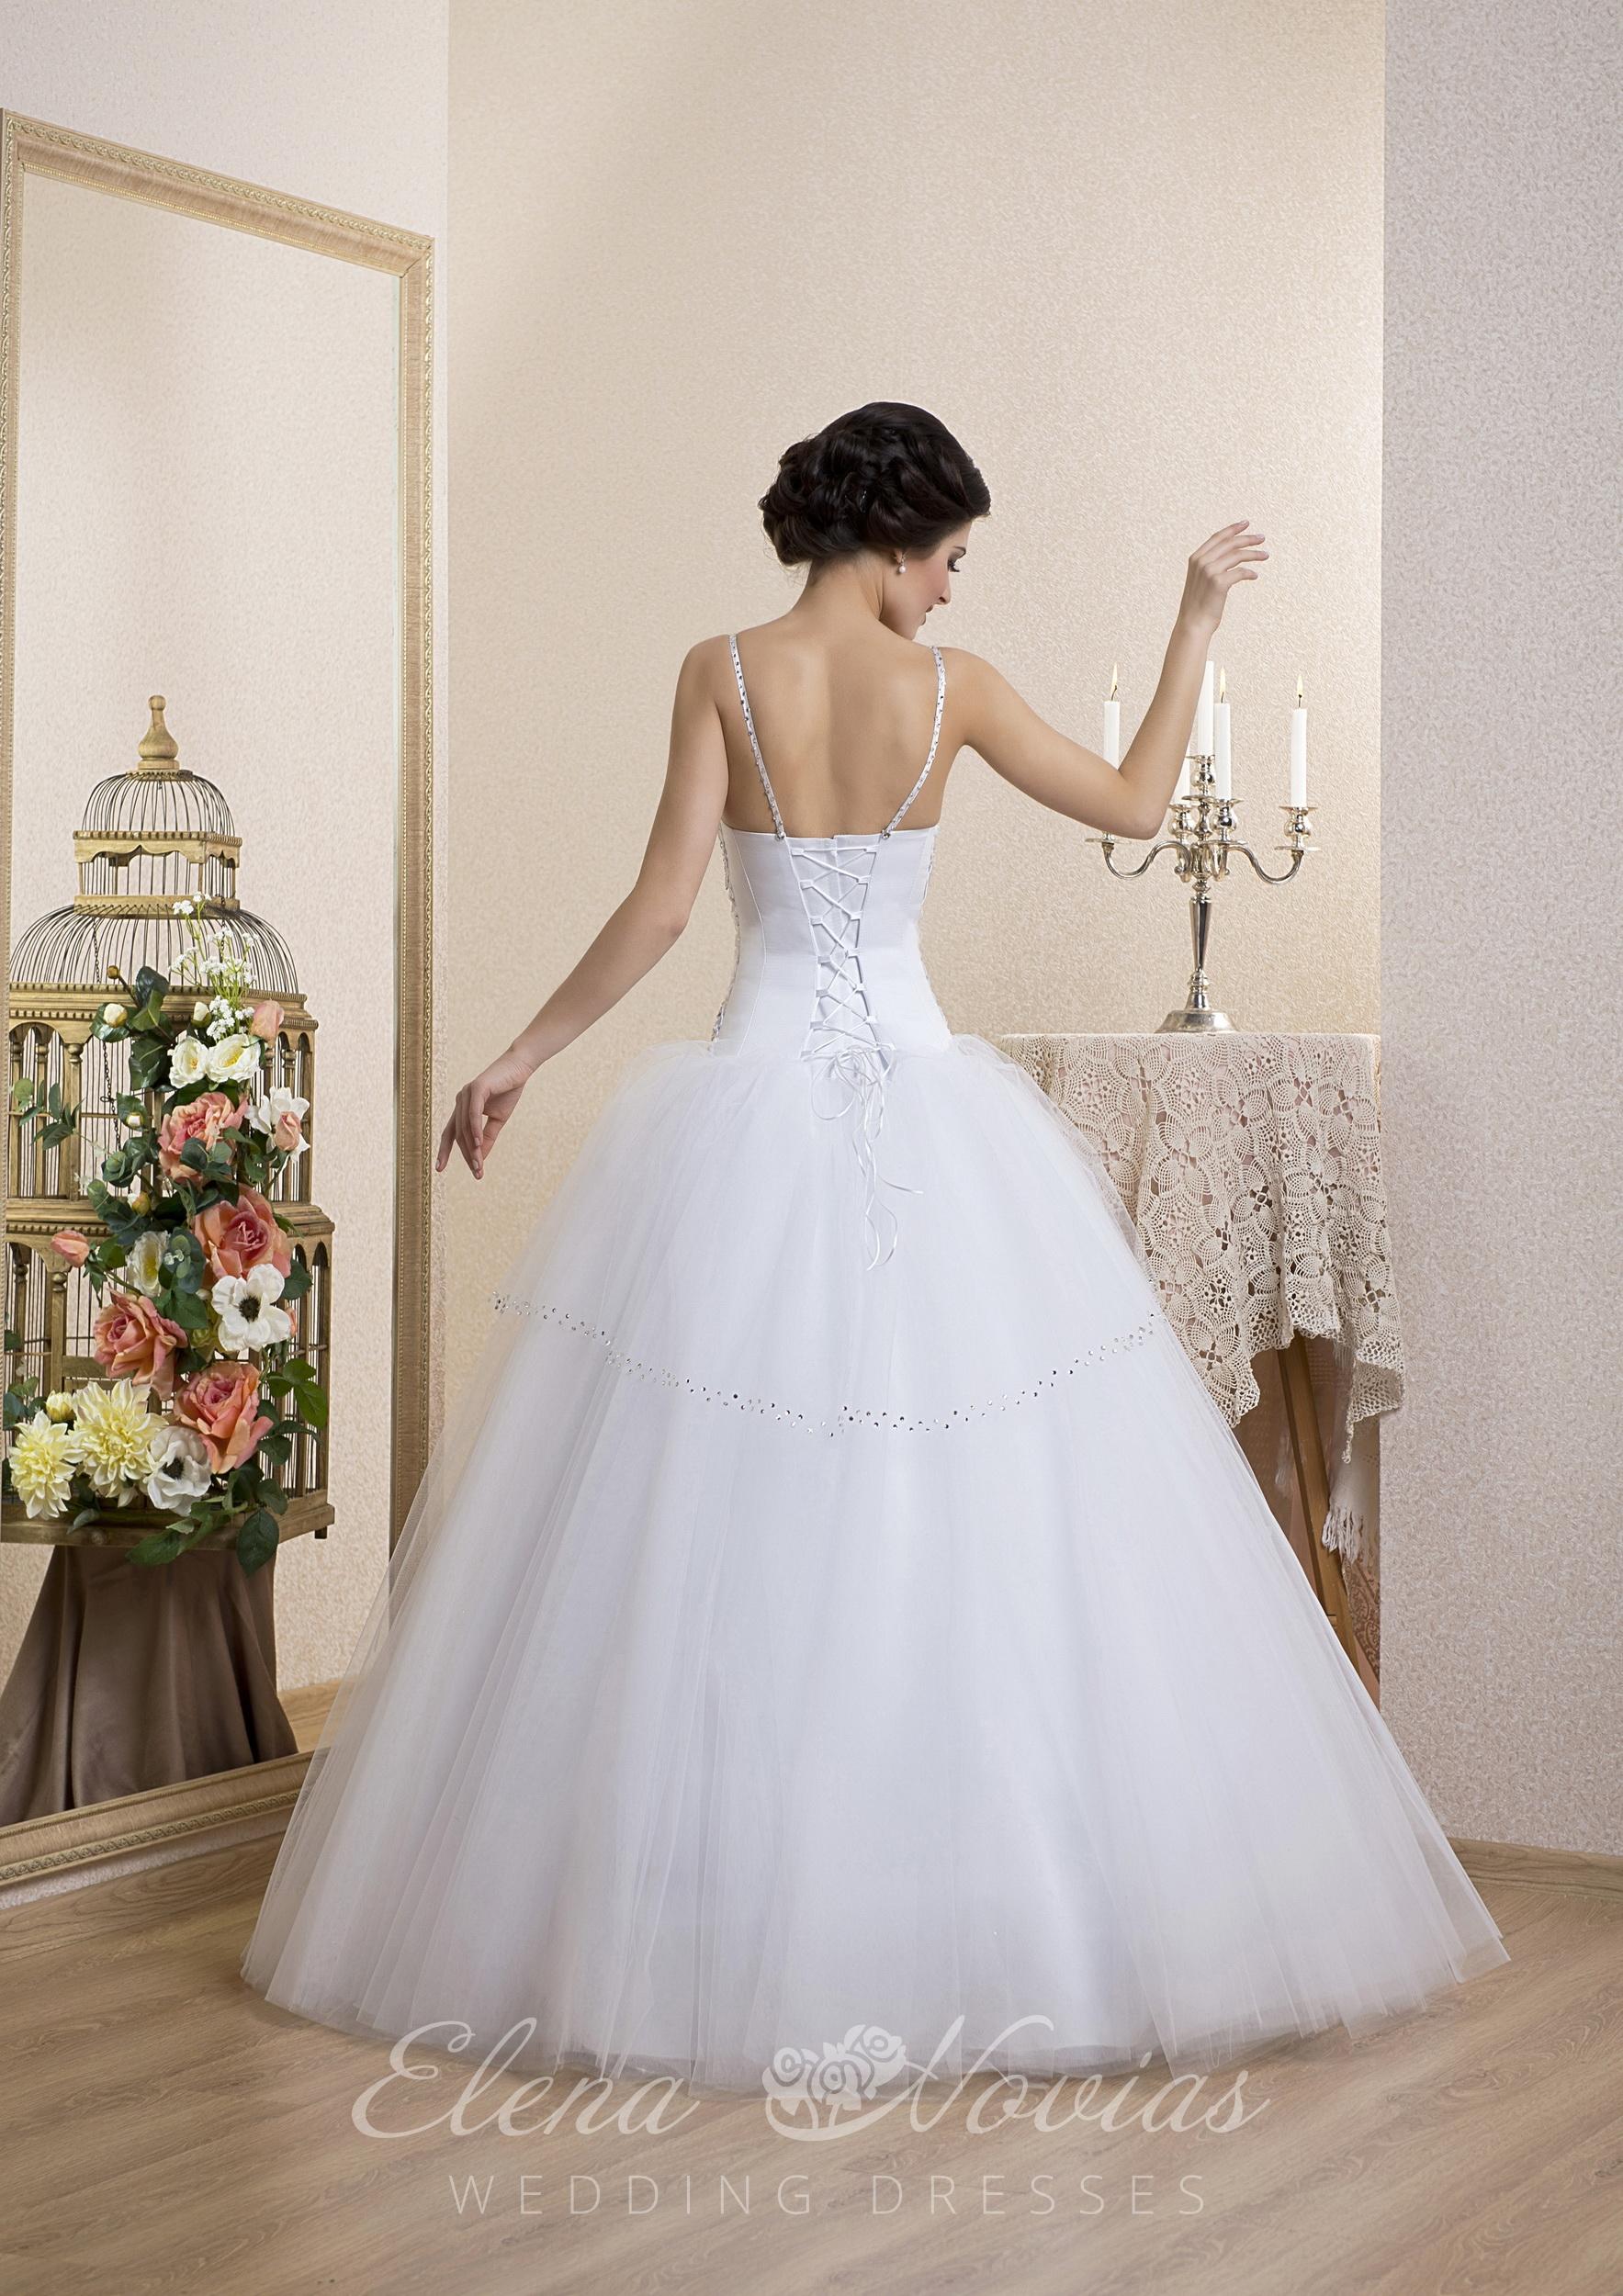 Rochia de mireasă angro 35